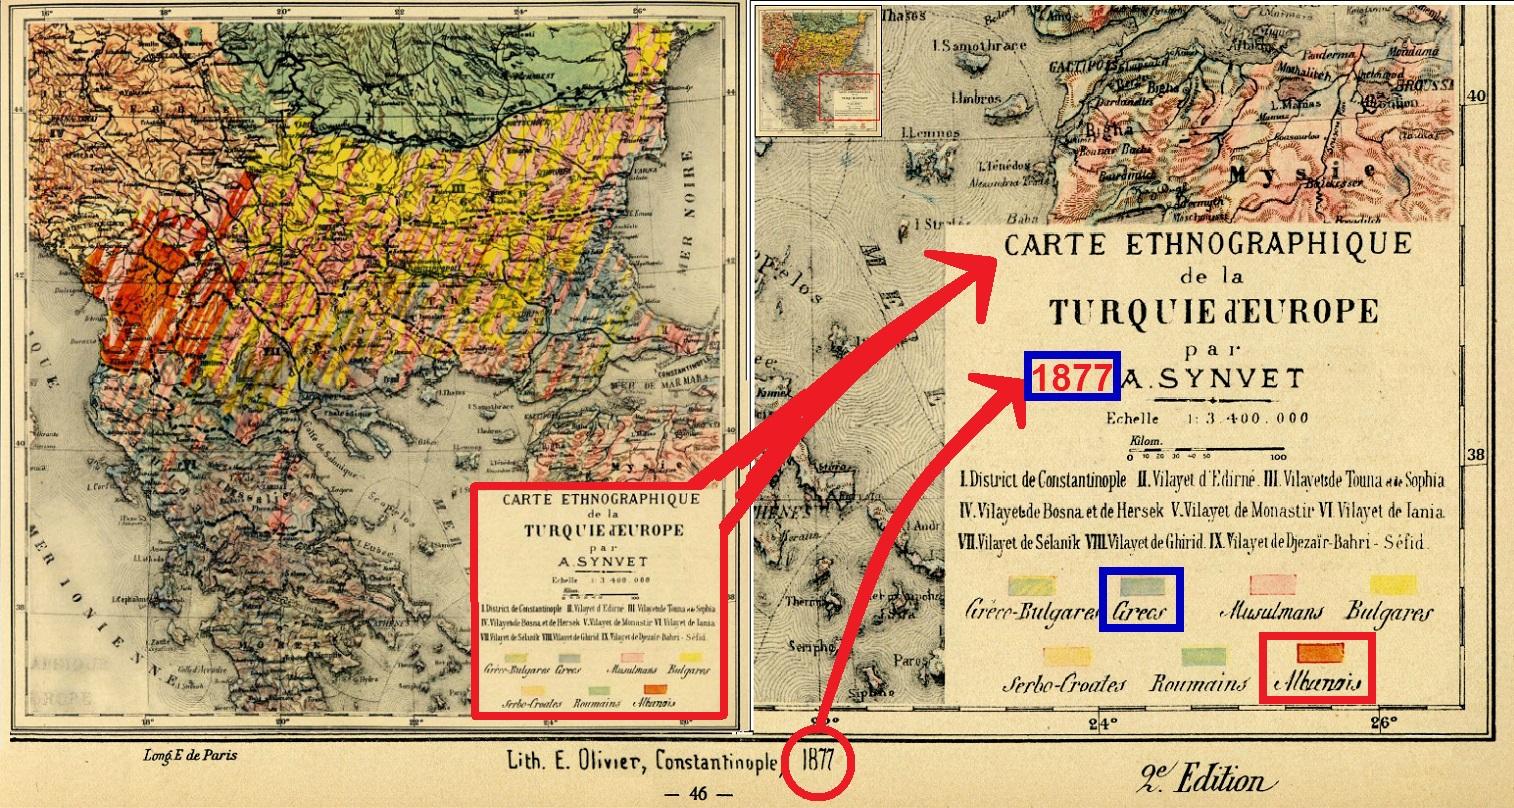 ΕΘΝΟΓΡΑΦΙΚΟΣ ΧΑΡΤΗΣ ΒΑΛΚΑΝΙΚΗΣ ΤΟΥΡΚΙΑΣ -ΕΛΛΑΔΑΣ -ΑΛΒΑΝΙΑΣ -ΒΟΥΛΓΑΡΙΑΣ -ΡΟΥΜΑΝΙΑΣ 1877